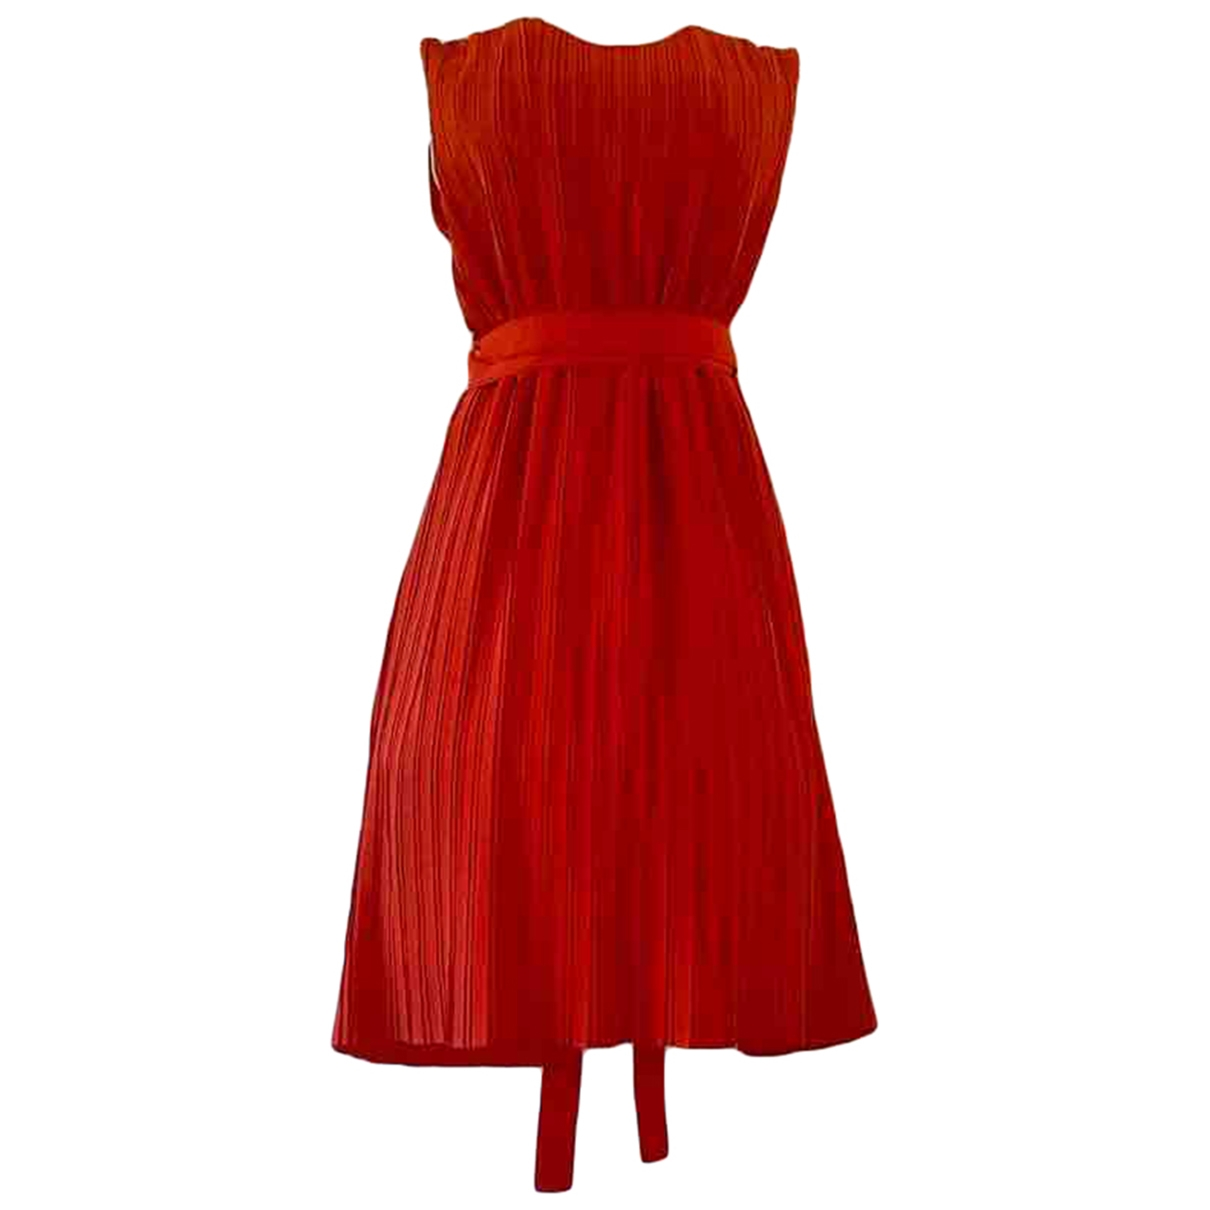 Victoria, Victoria Beckham \N Kleid in  Rot Polyester